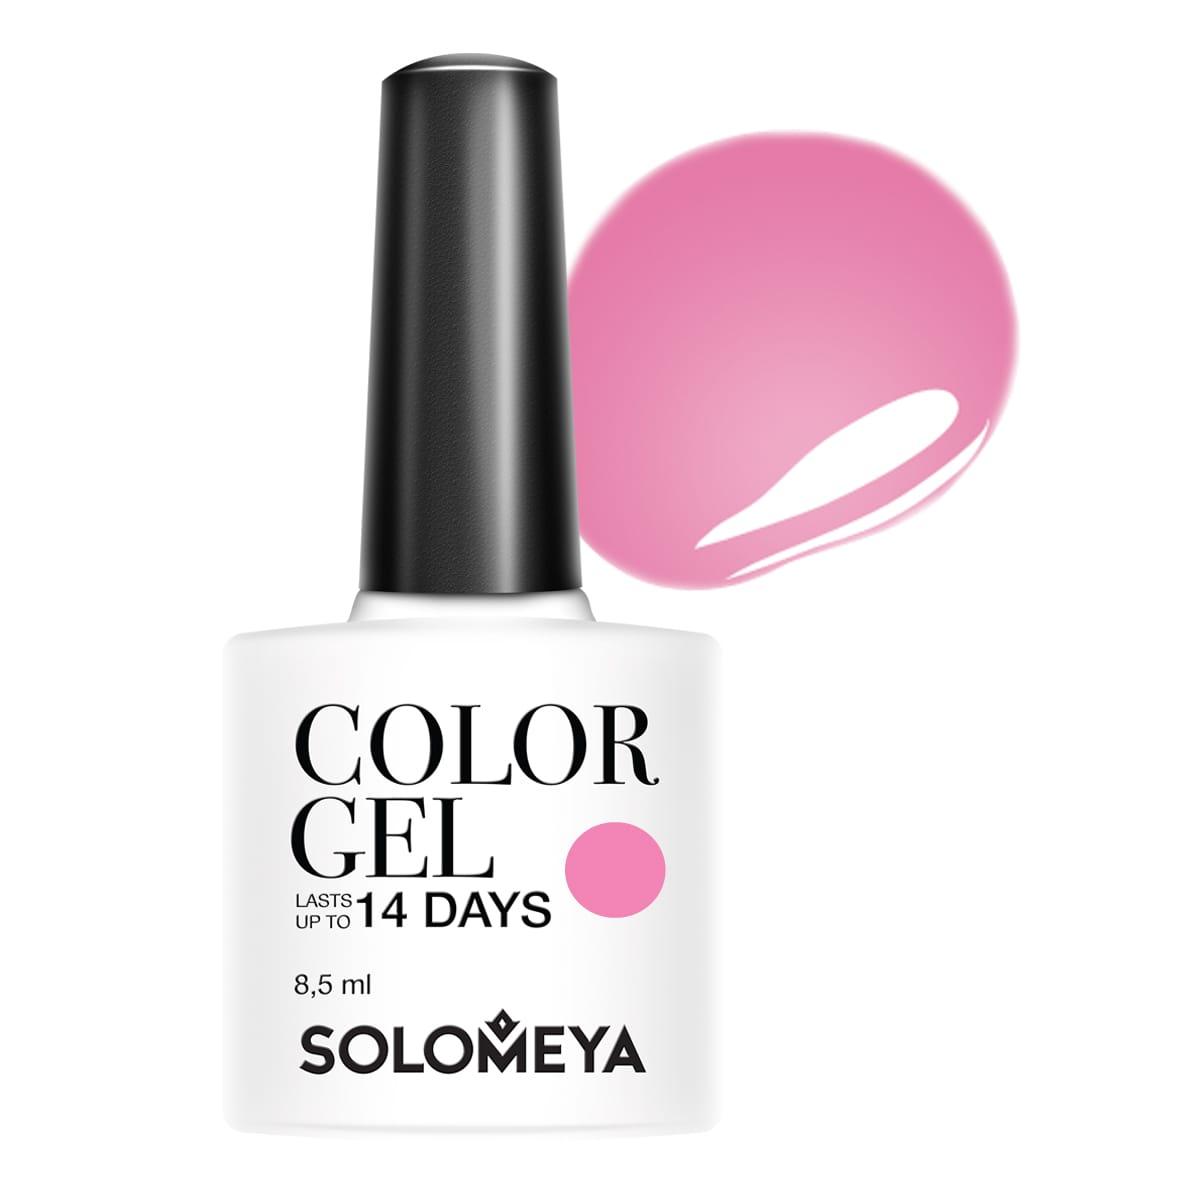 SOLOMEYA Гель-лак для ногтей SCGB032 Мой доверчивый / Color Gel My trustful 8,5 мл